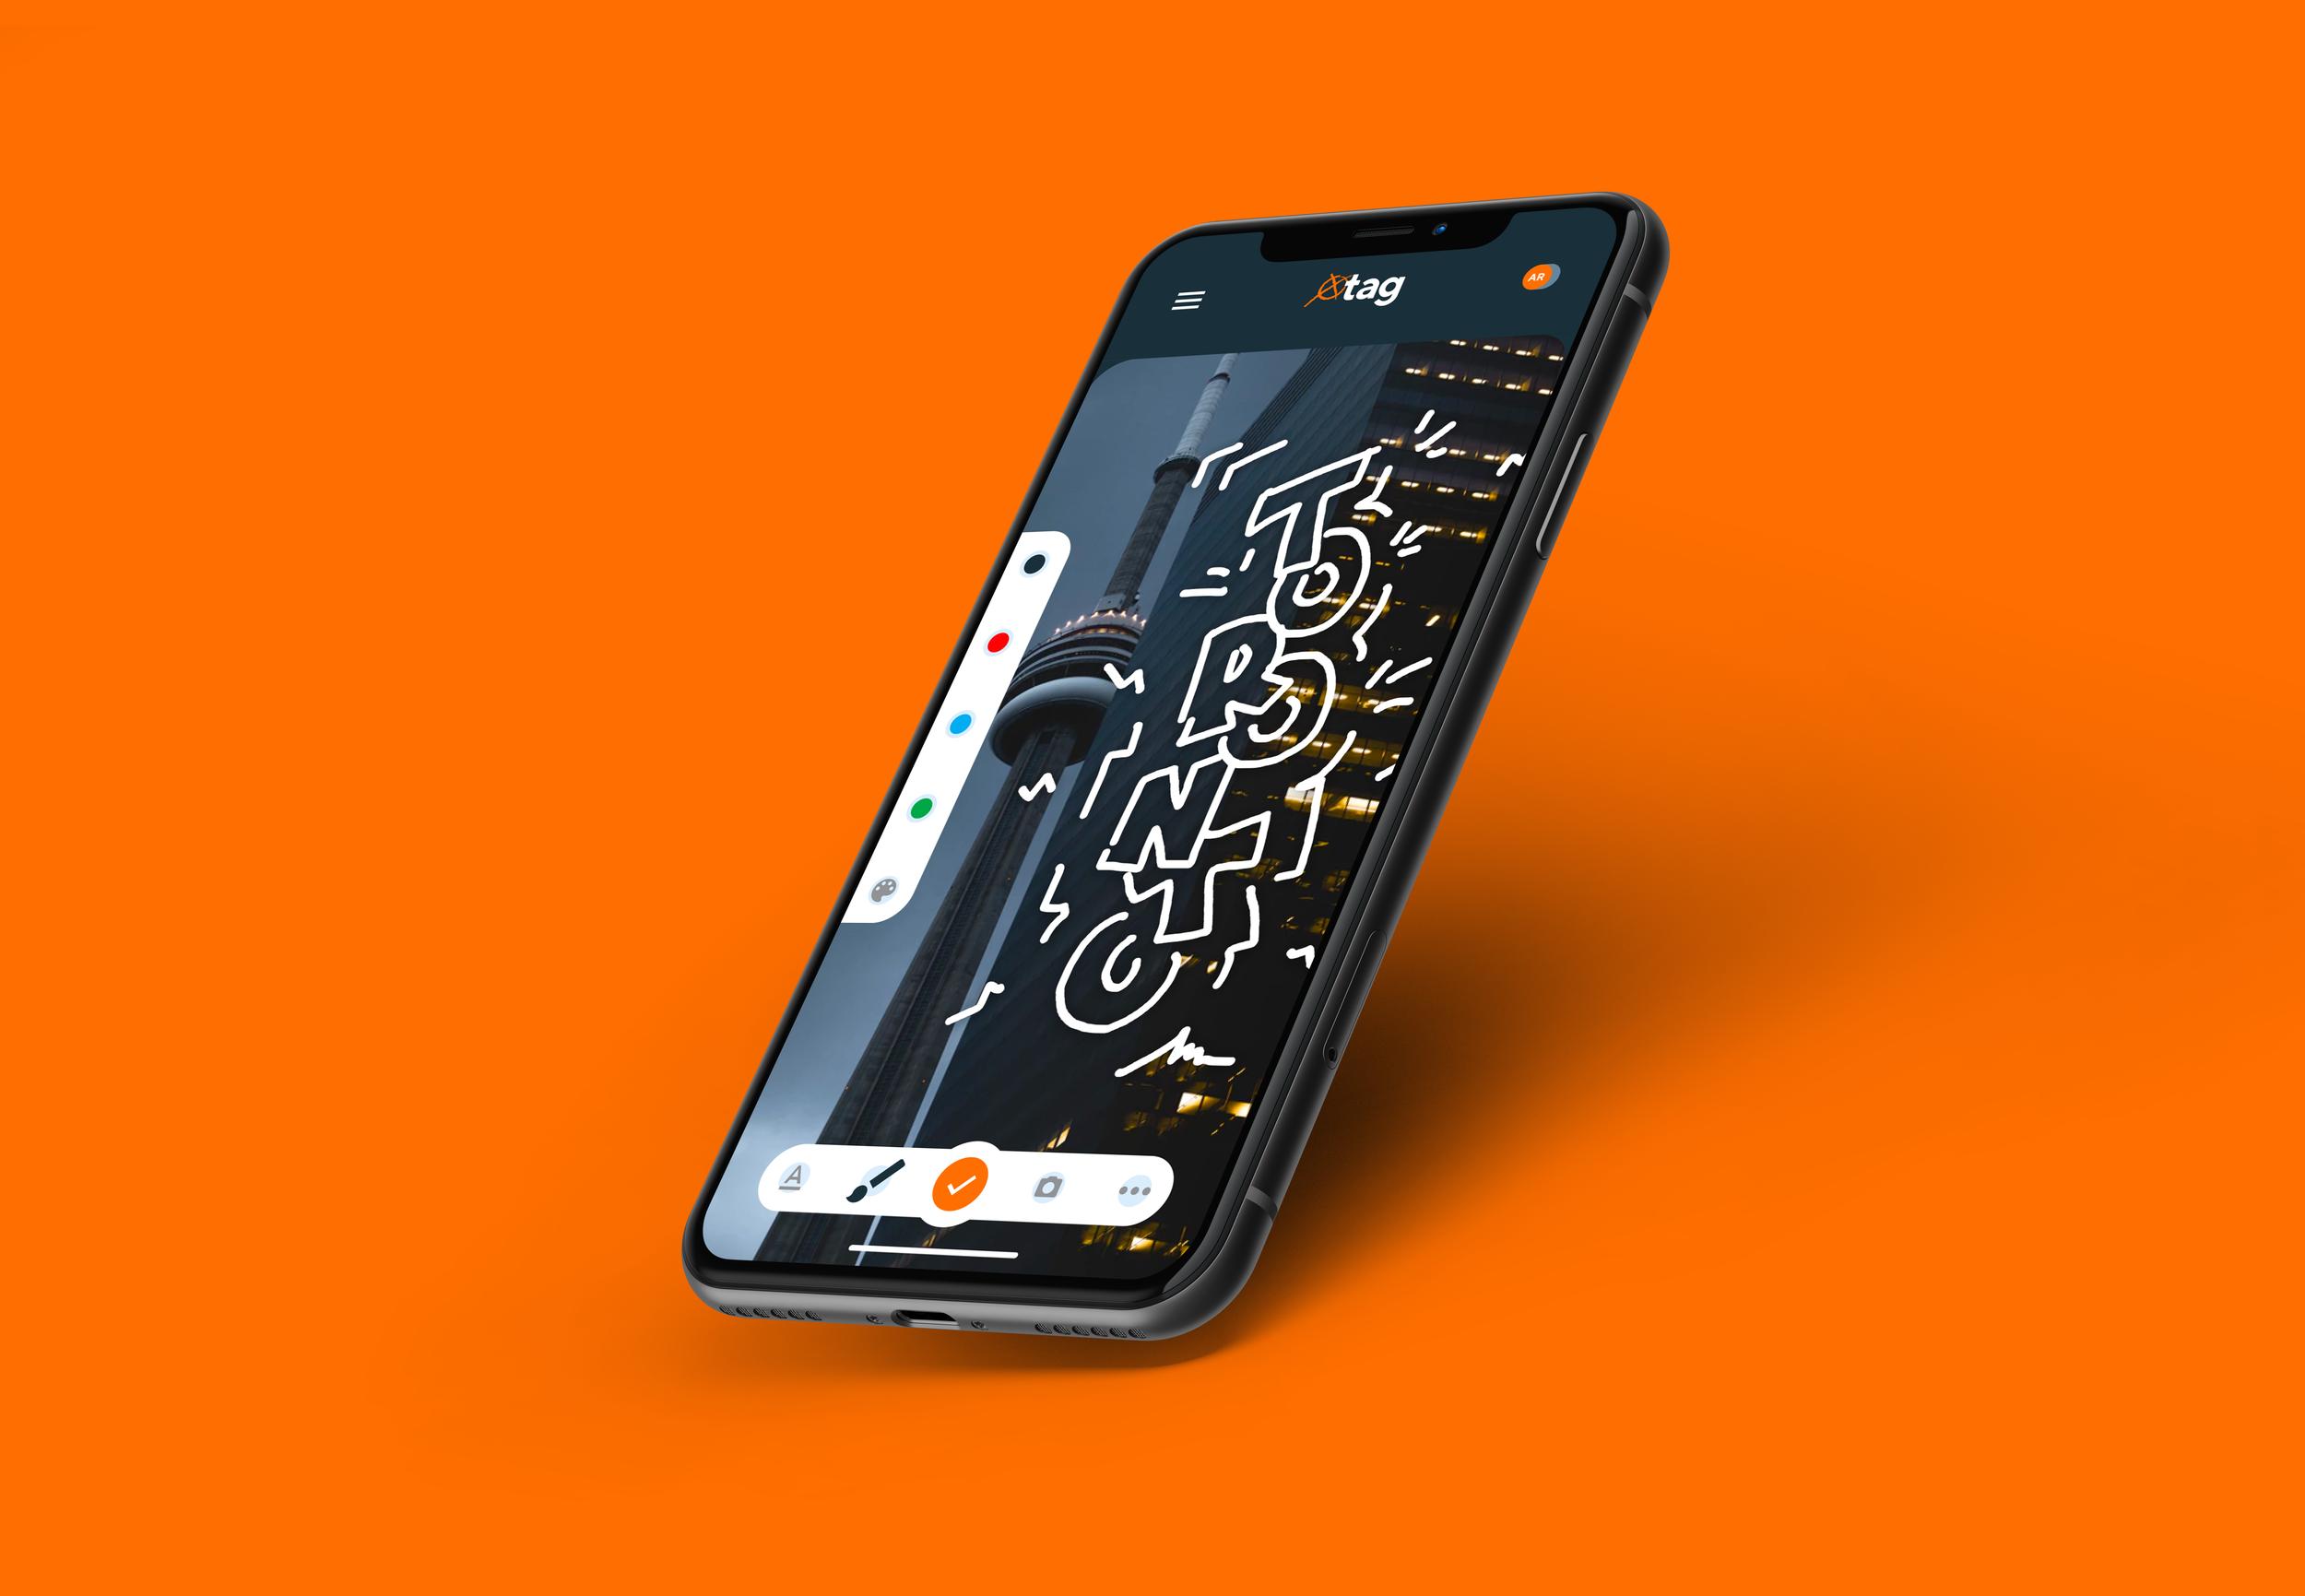 orangephone.png